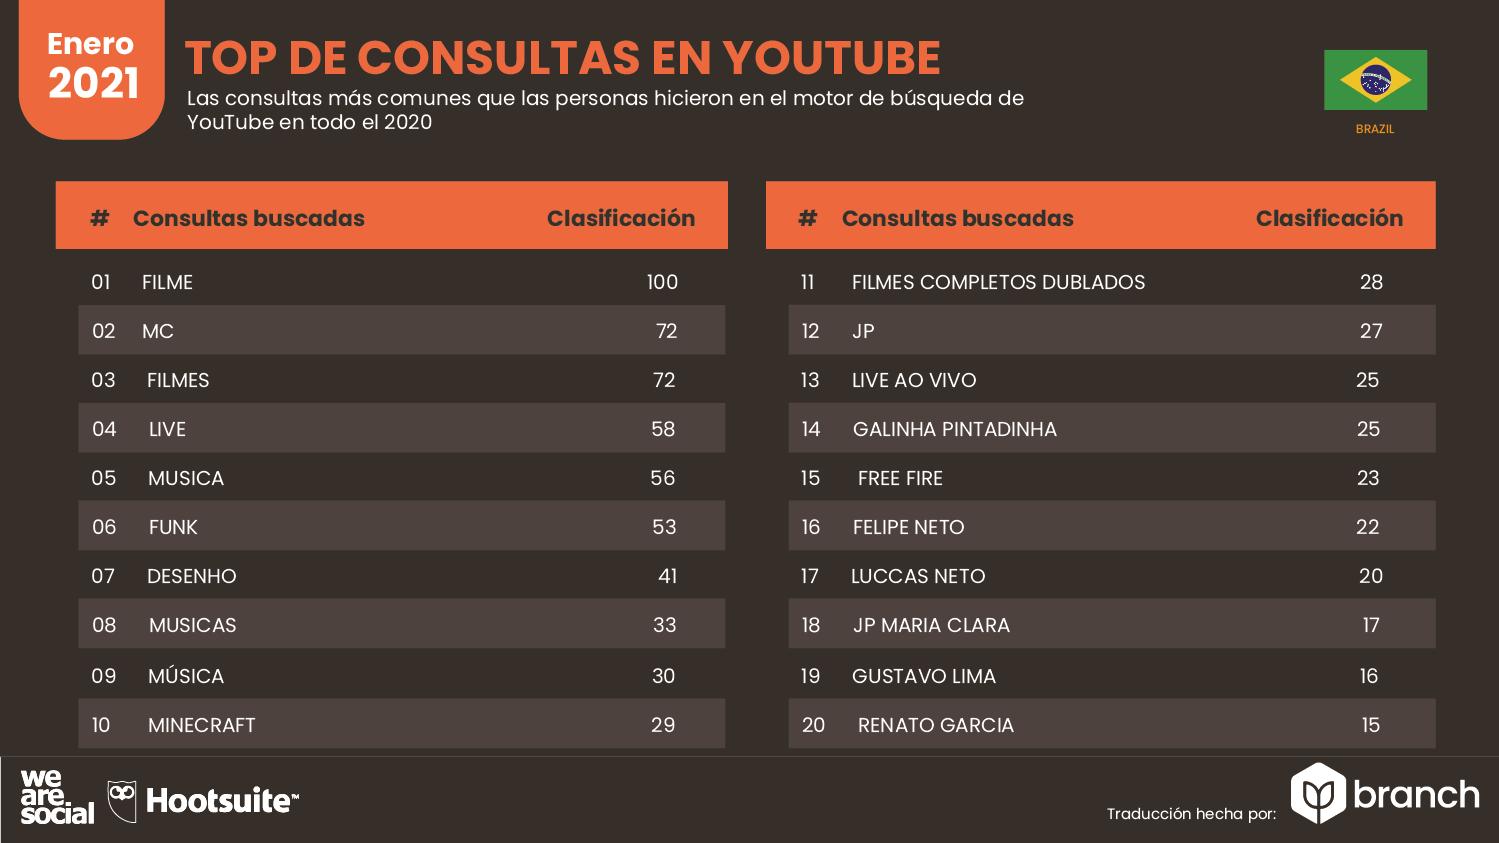 top-de-consultas-en-youtube-brasil-2020-2021